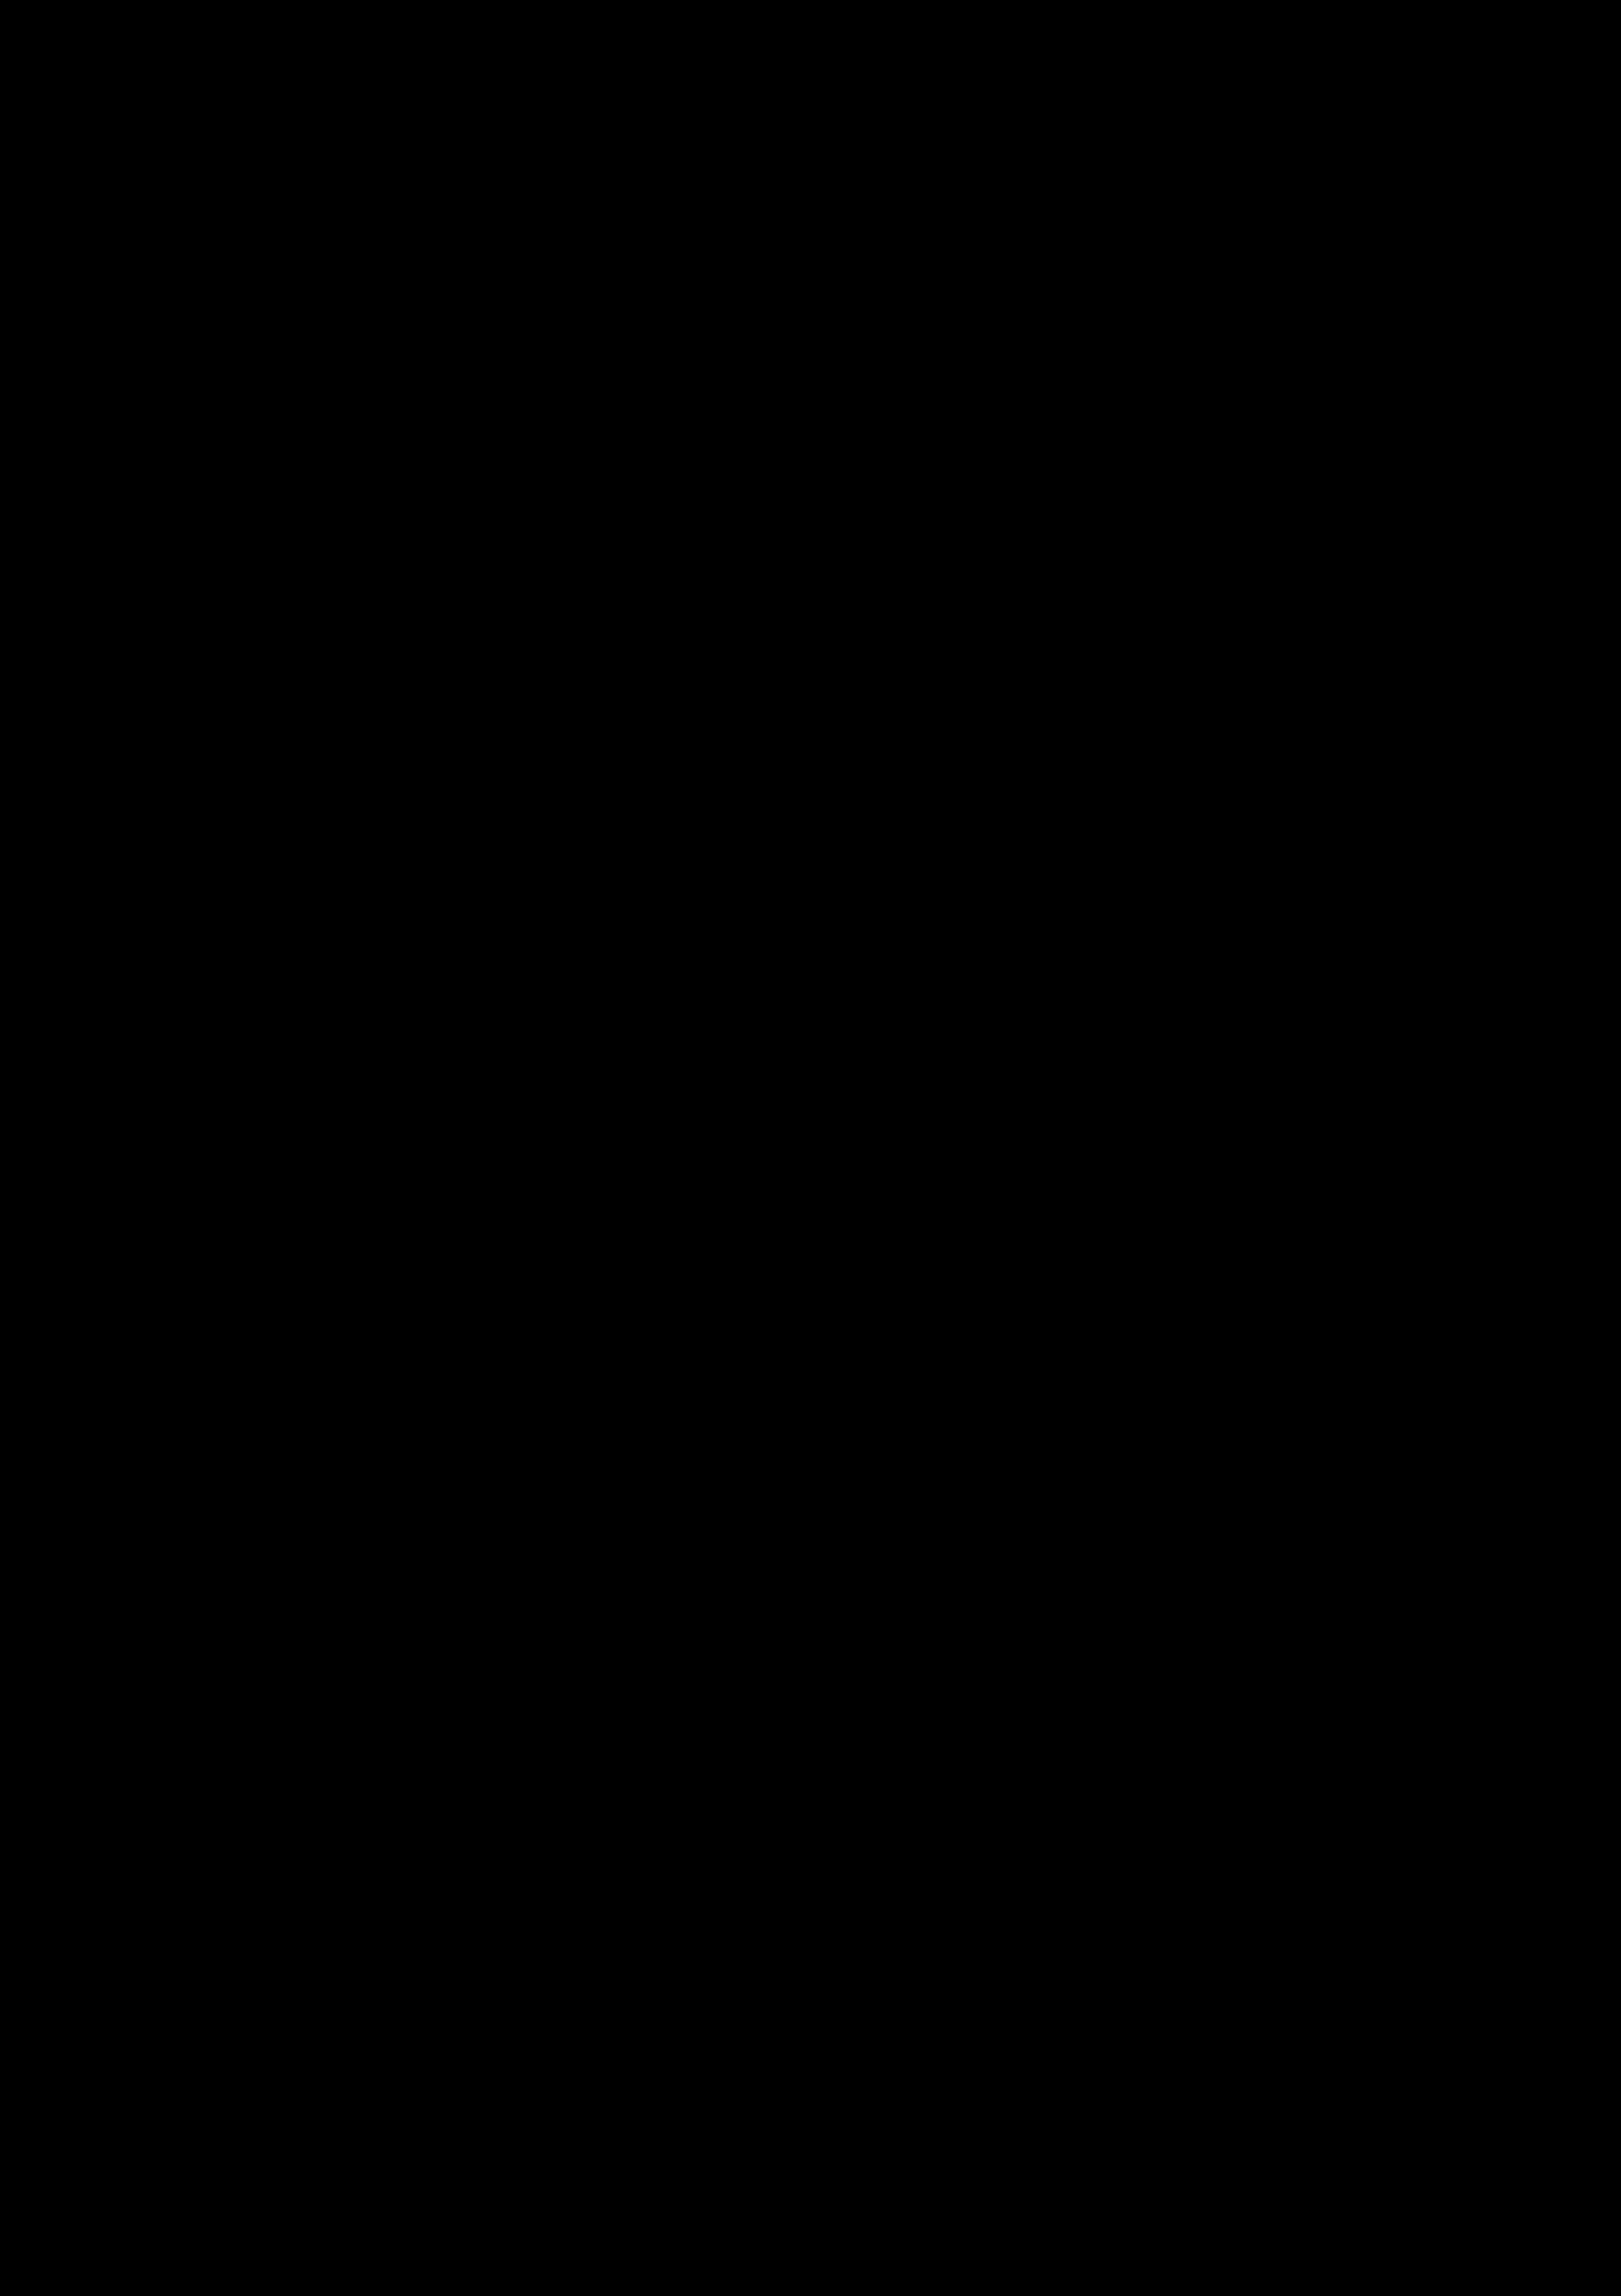 2017云南网吧照片水平考试模拟预测题2及学业答案性感日本去初中初中的女生图片